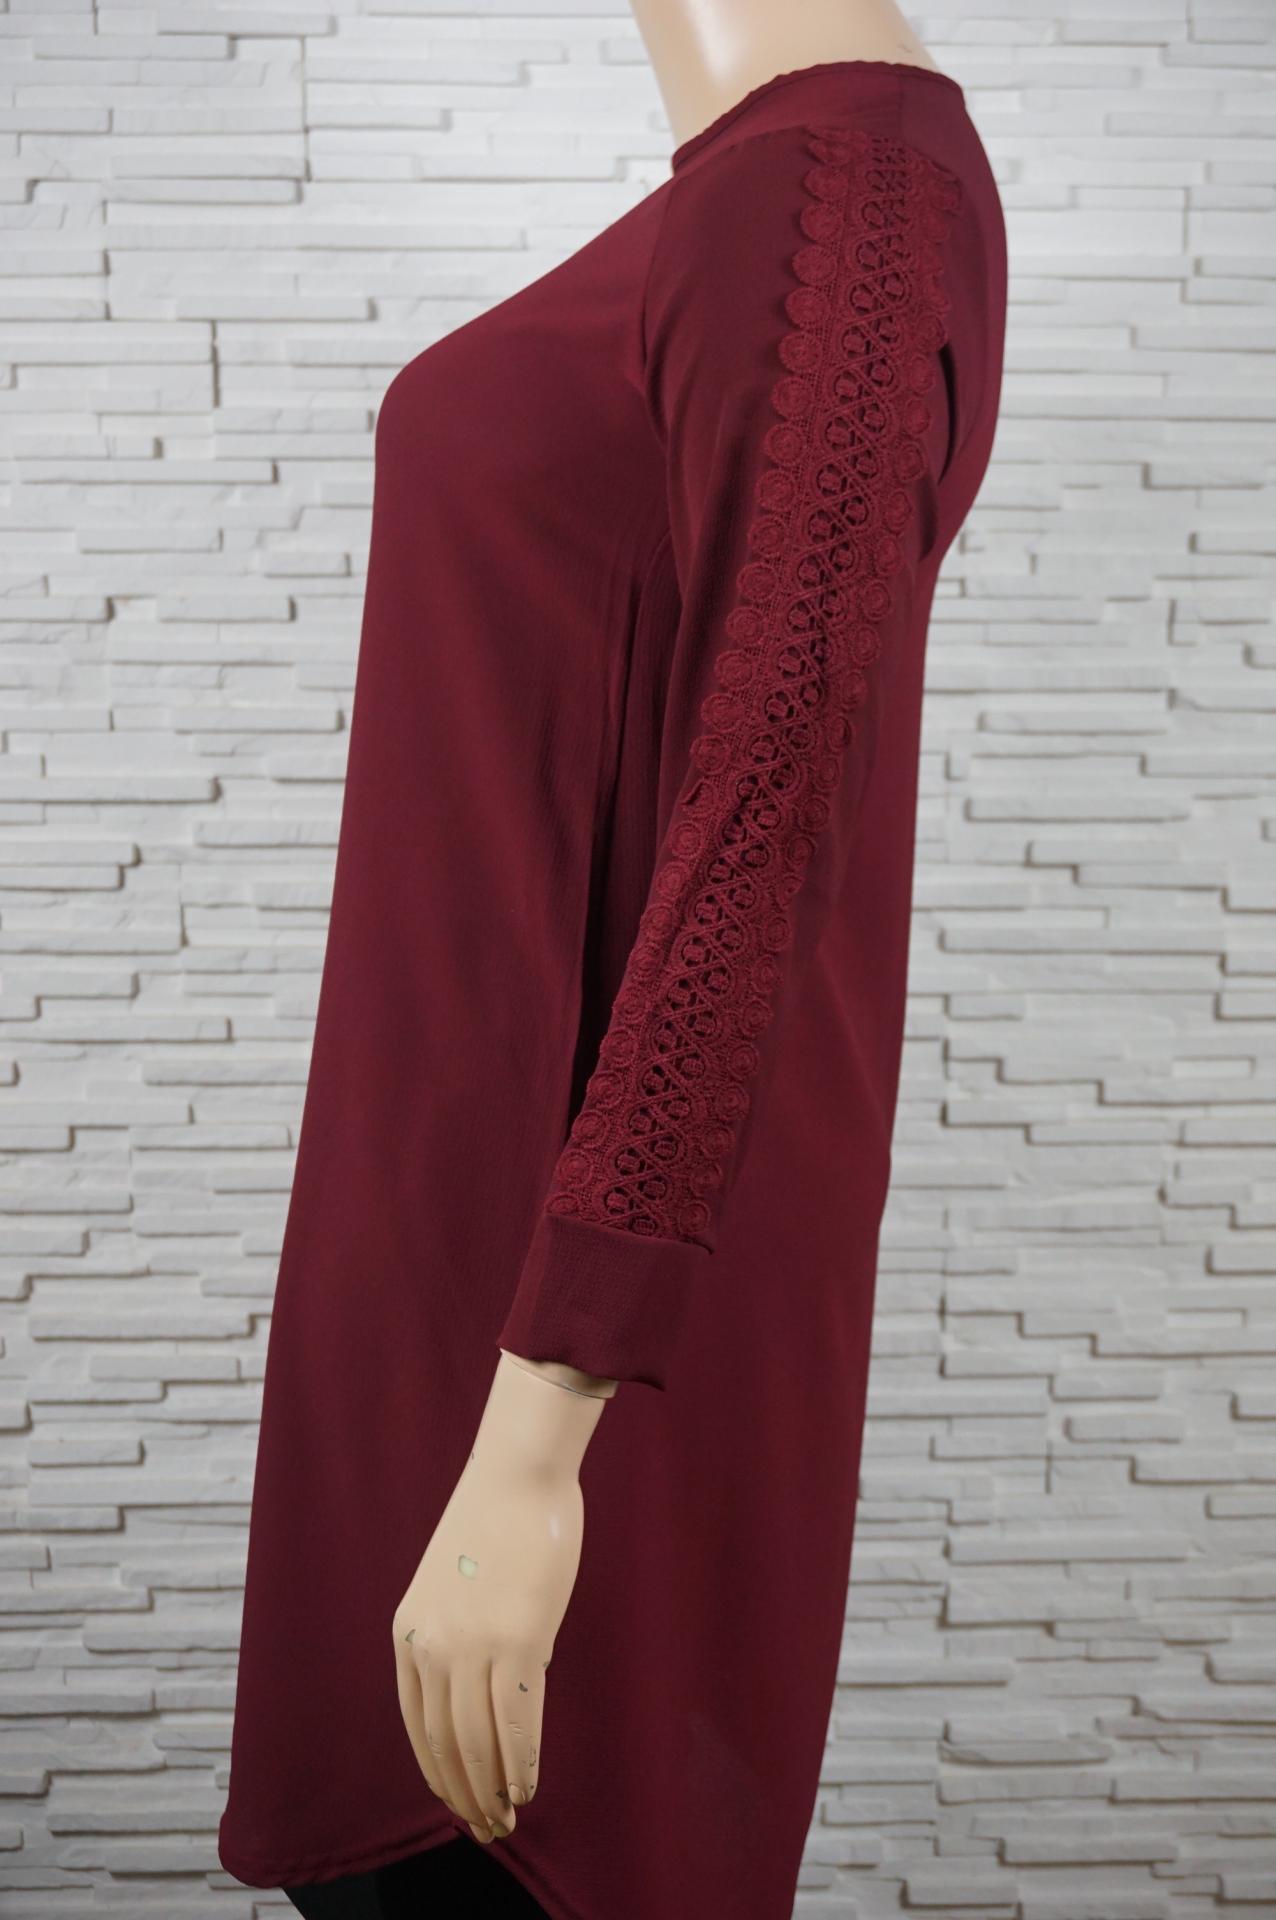 Robe tunique longue manches en dentelles2